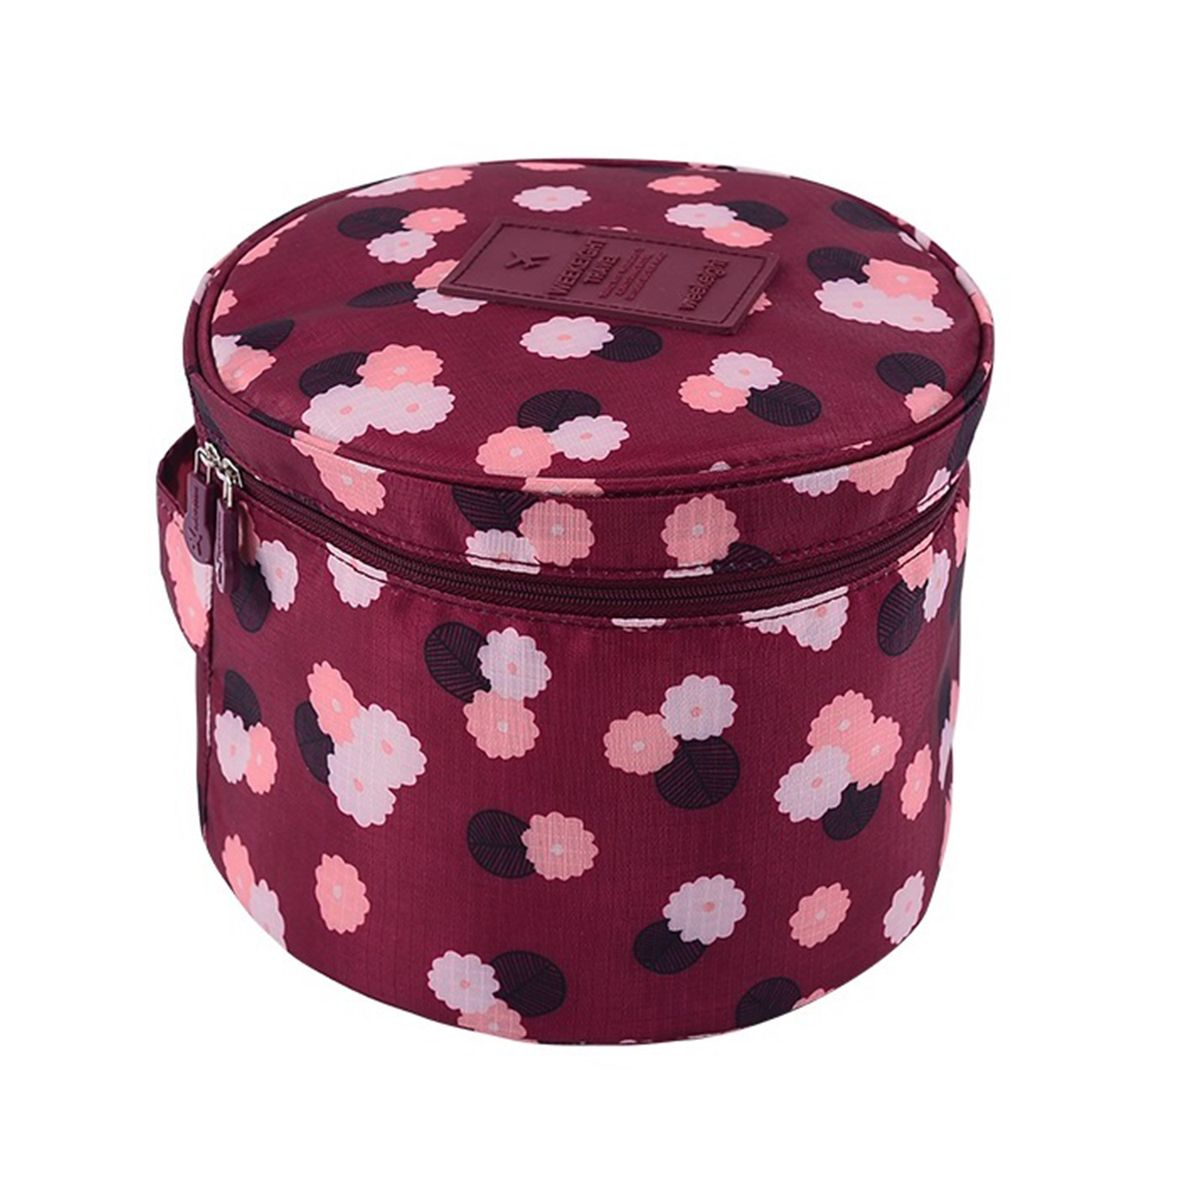 Органайзер для хранения Homsu Цветок, цвет: бордовый, белый, розовый, 19 x 19 x 14 смS03301004Органайзер для хранения Homsu Цветок выполнен из высококачественного полиэстера. Изделие круглой формы имеет множество карманов внутри, что позволяет удобно организовать хранение косметики, и других мелких предметов. Органайзер обладает высоким качеством материала и стильным дизайном. Сверху органайзера имеется ручка для переноски.